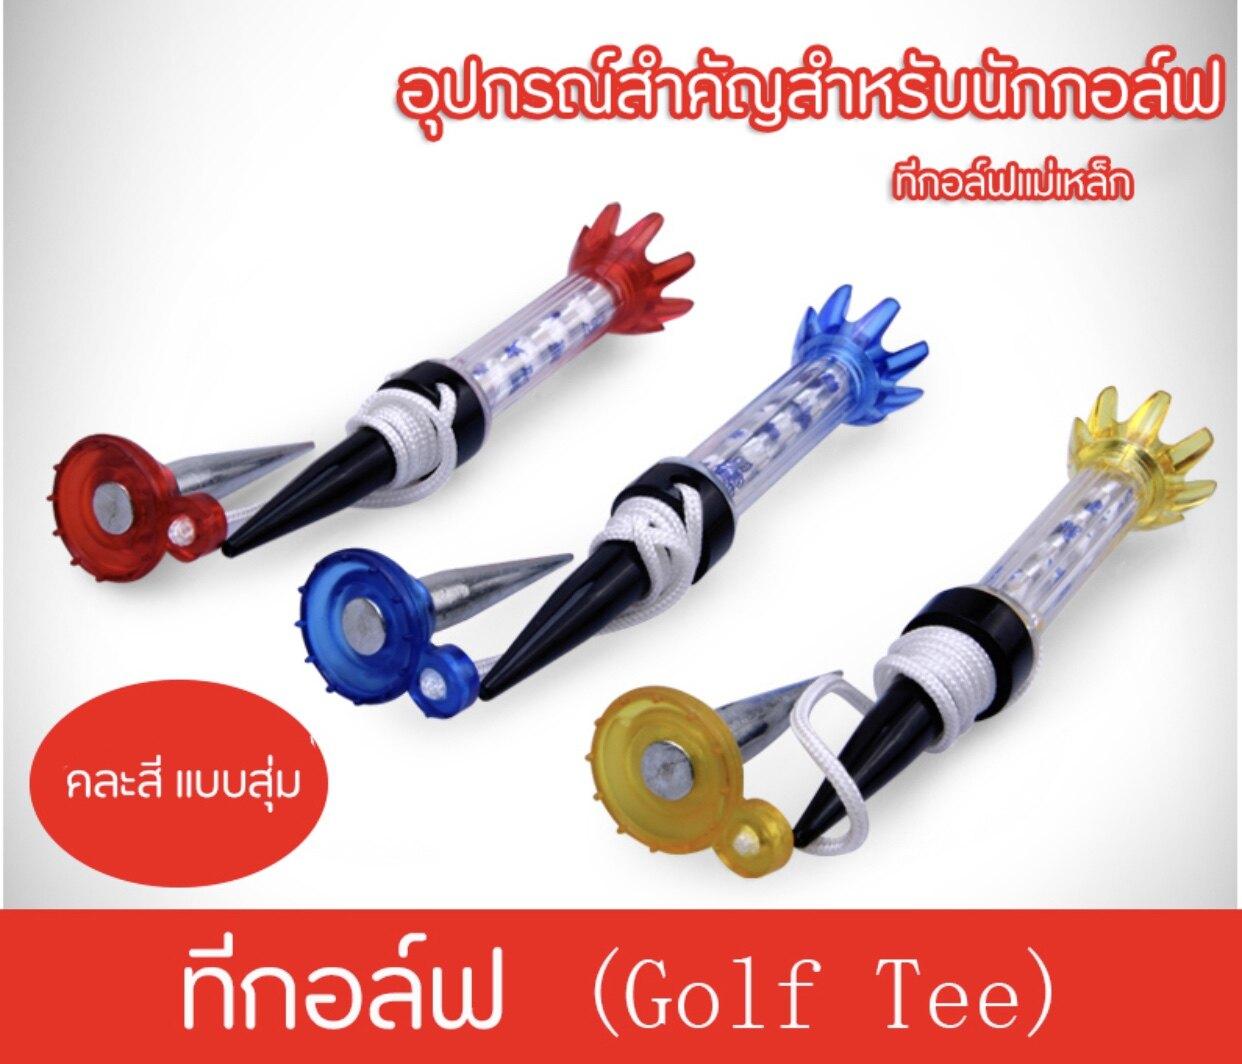 ทีกอล์ฟแม่เหล็ก Golf Tee ที่ตั้งลูกกอล์ฟ ตัวตั้งลูกกอล์ฟ ยืดหยุ่น มีเชือกยึดฐานกันหล่นหาย ตัวตอกฐานสองอัน ยาว8cm. สีแบบสุ่ม.